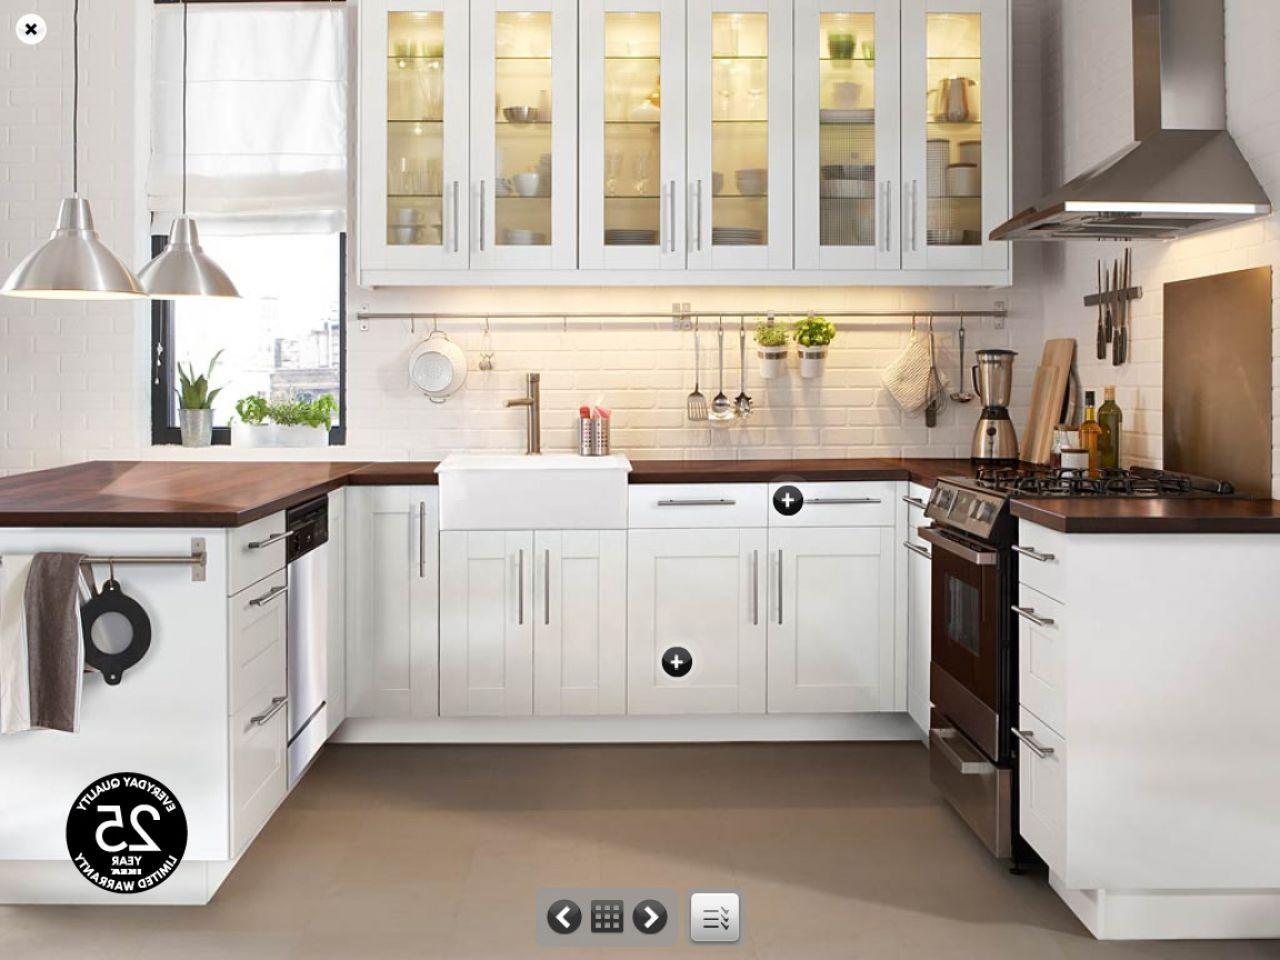 Charmant Ikea Küchenplanung Service Usa Ideen - Küchenschrank Ideen ...